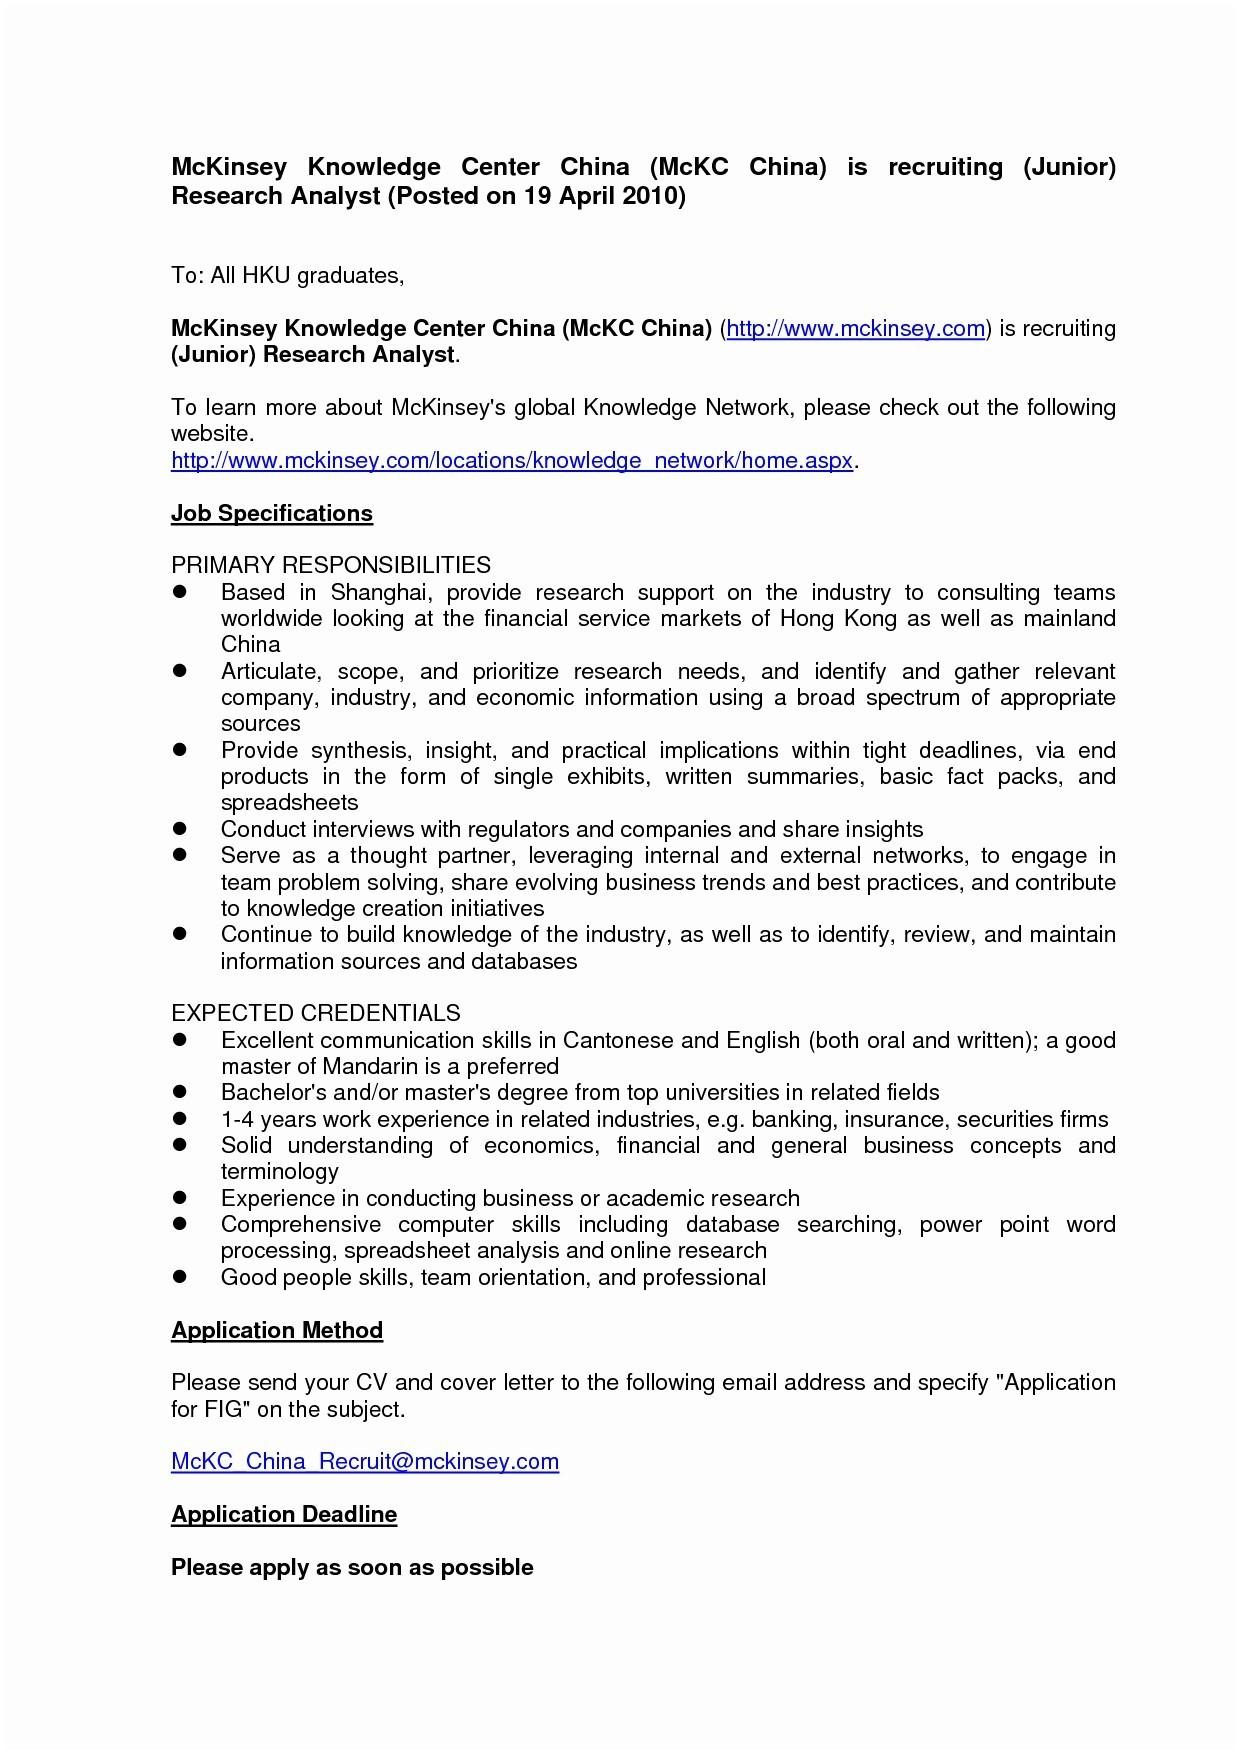 Free Job Offer Letter Template - Hr Job Fer Letter format Inspirationa New Job Fer Letter Template